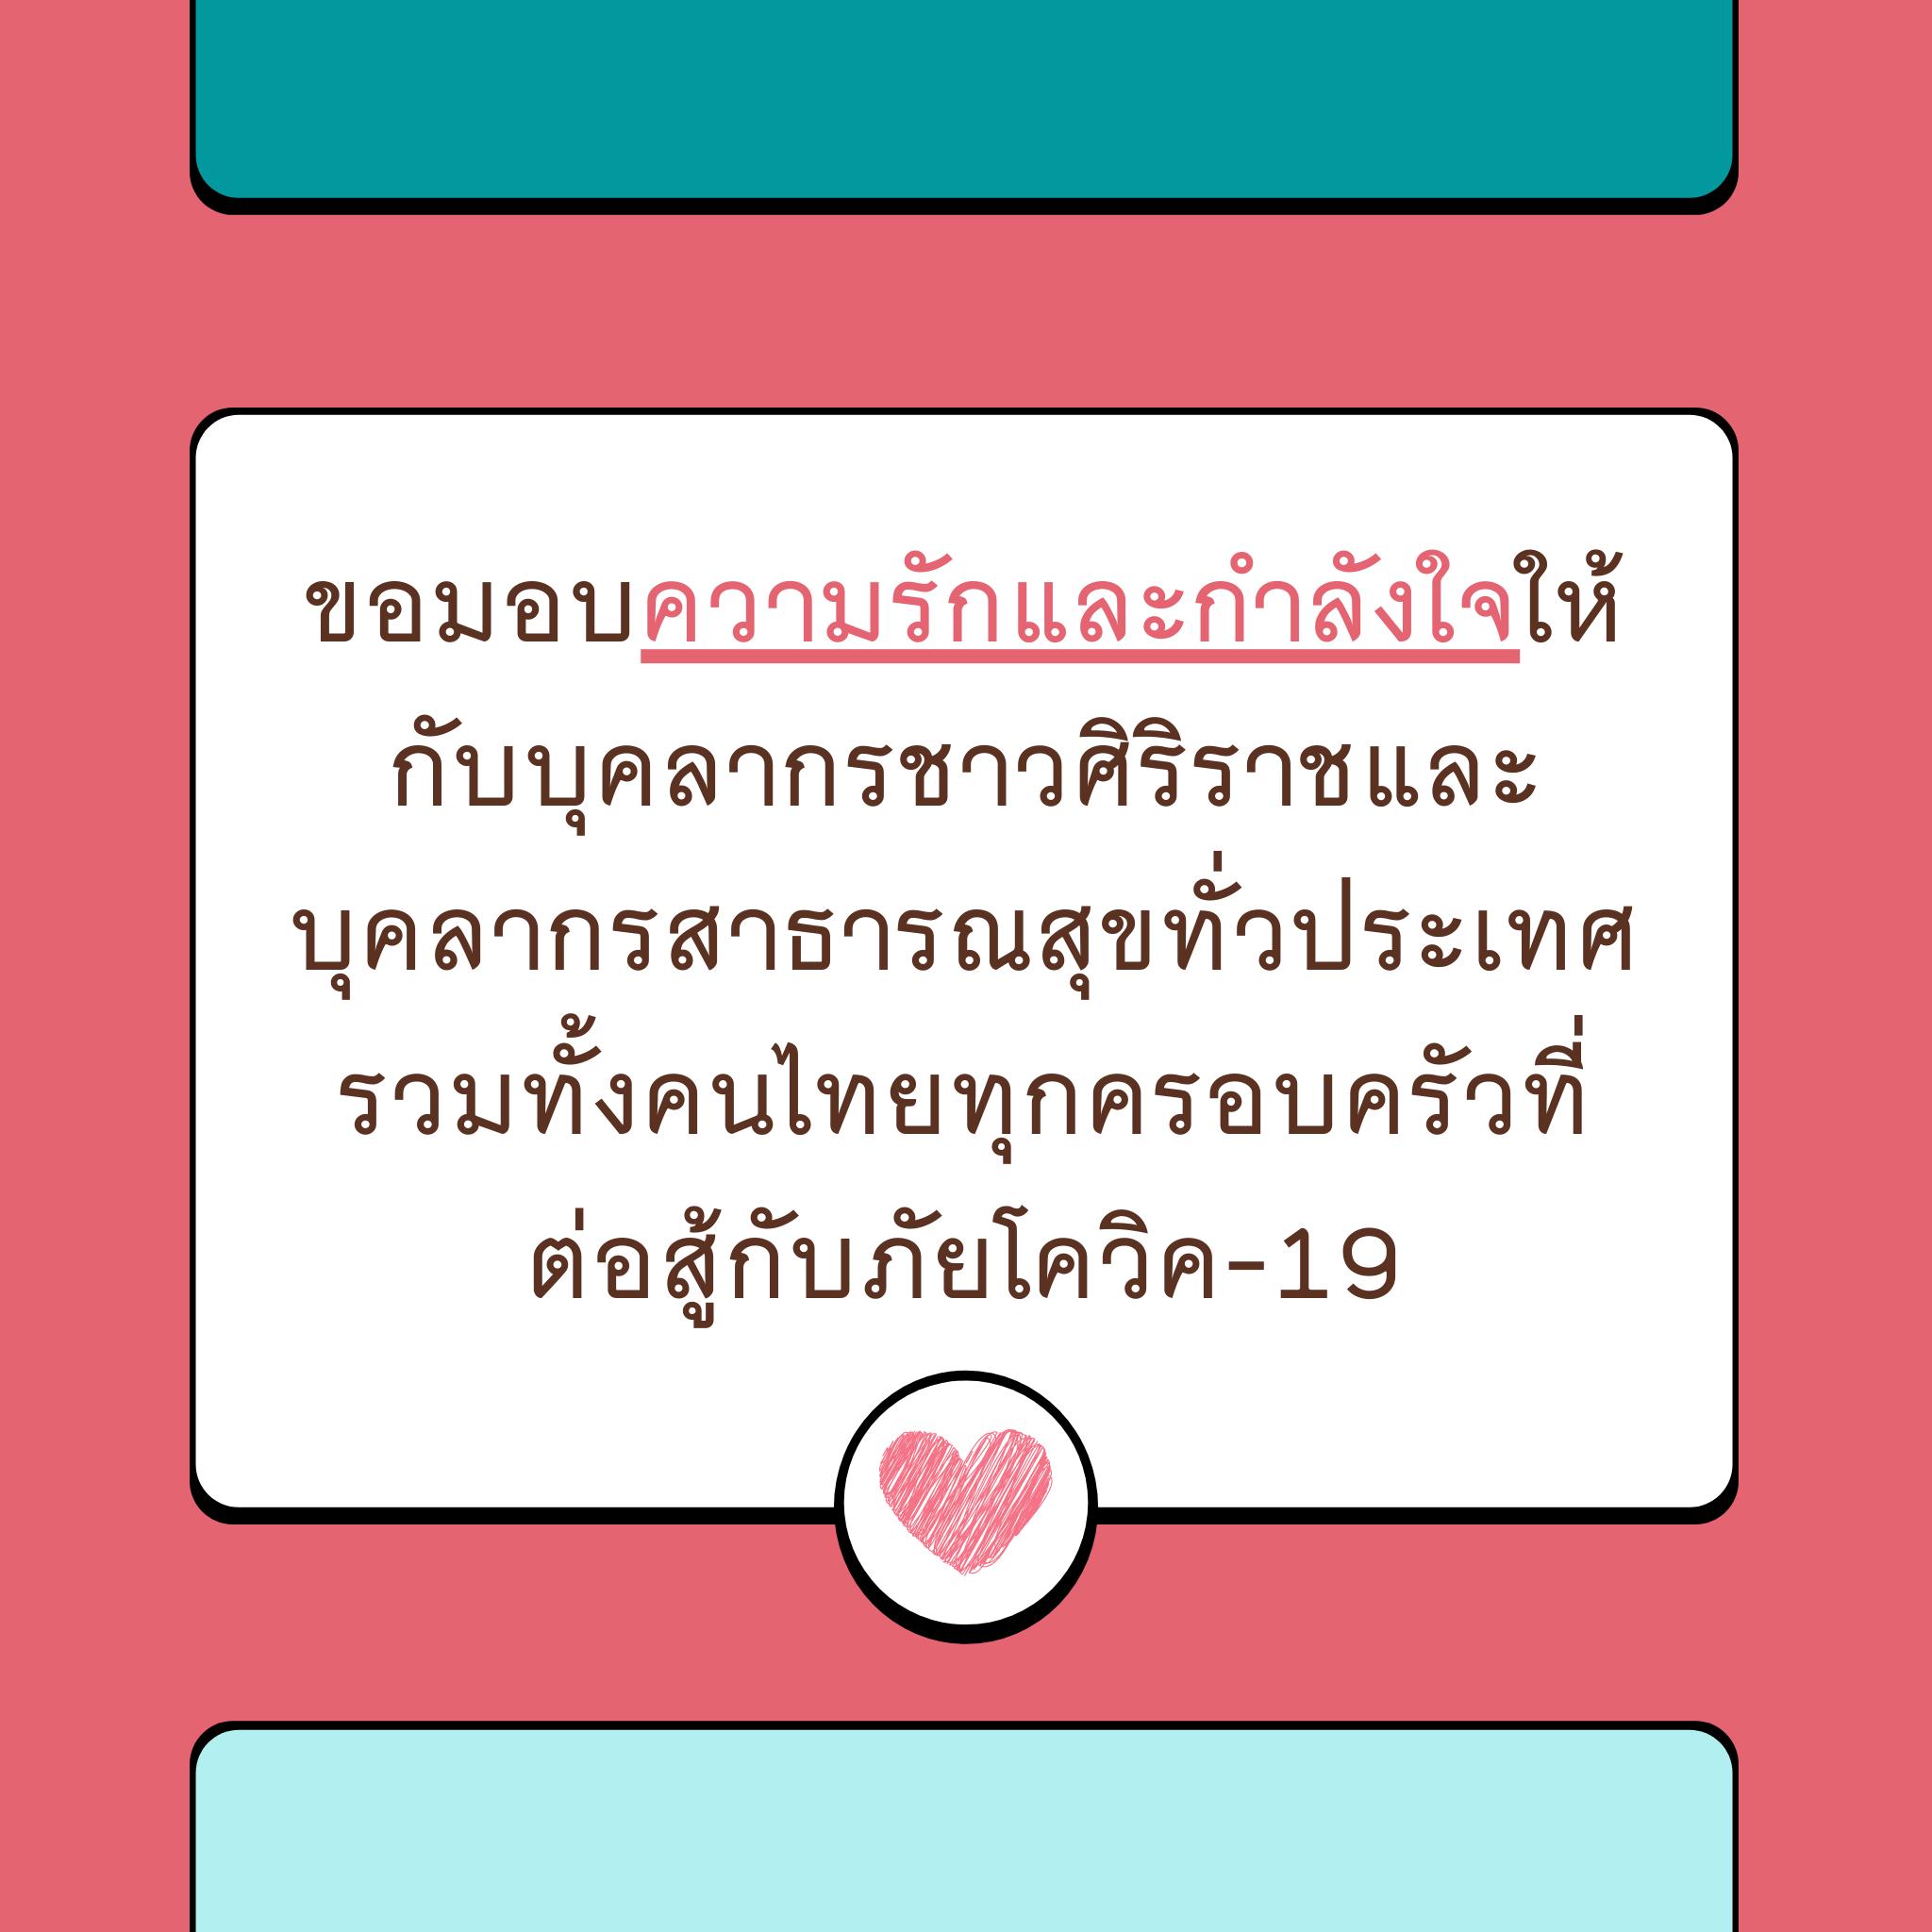 """""""ขอมอบความรักและกำลังใจให้กับบุคลากรชาวศิริราชและบุคลากรสาธารณสุขทั่วประเทศ รวมทั้งคนไทยทุกครอบครัวที่ต่อสู้กับภัยโควิค-19"""""""